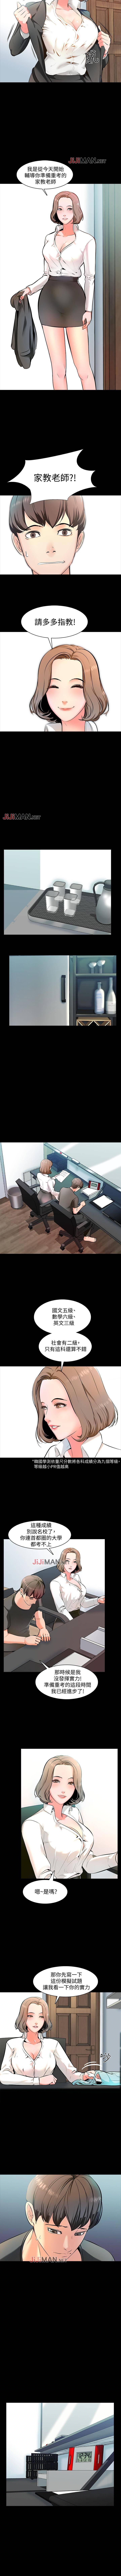 【周一连载】家教老师(作者: CreamMedia) 第1~44话 4